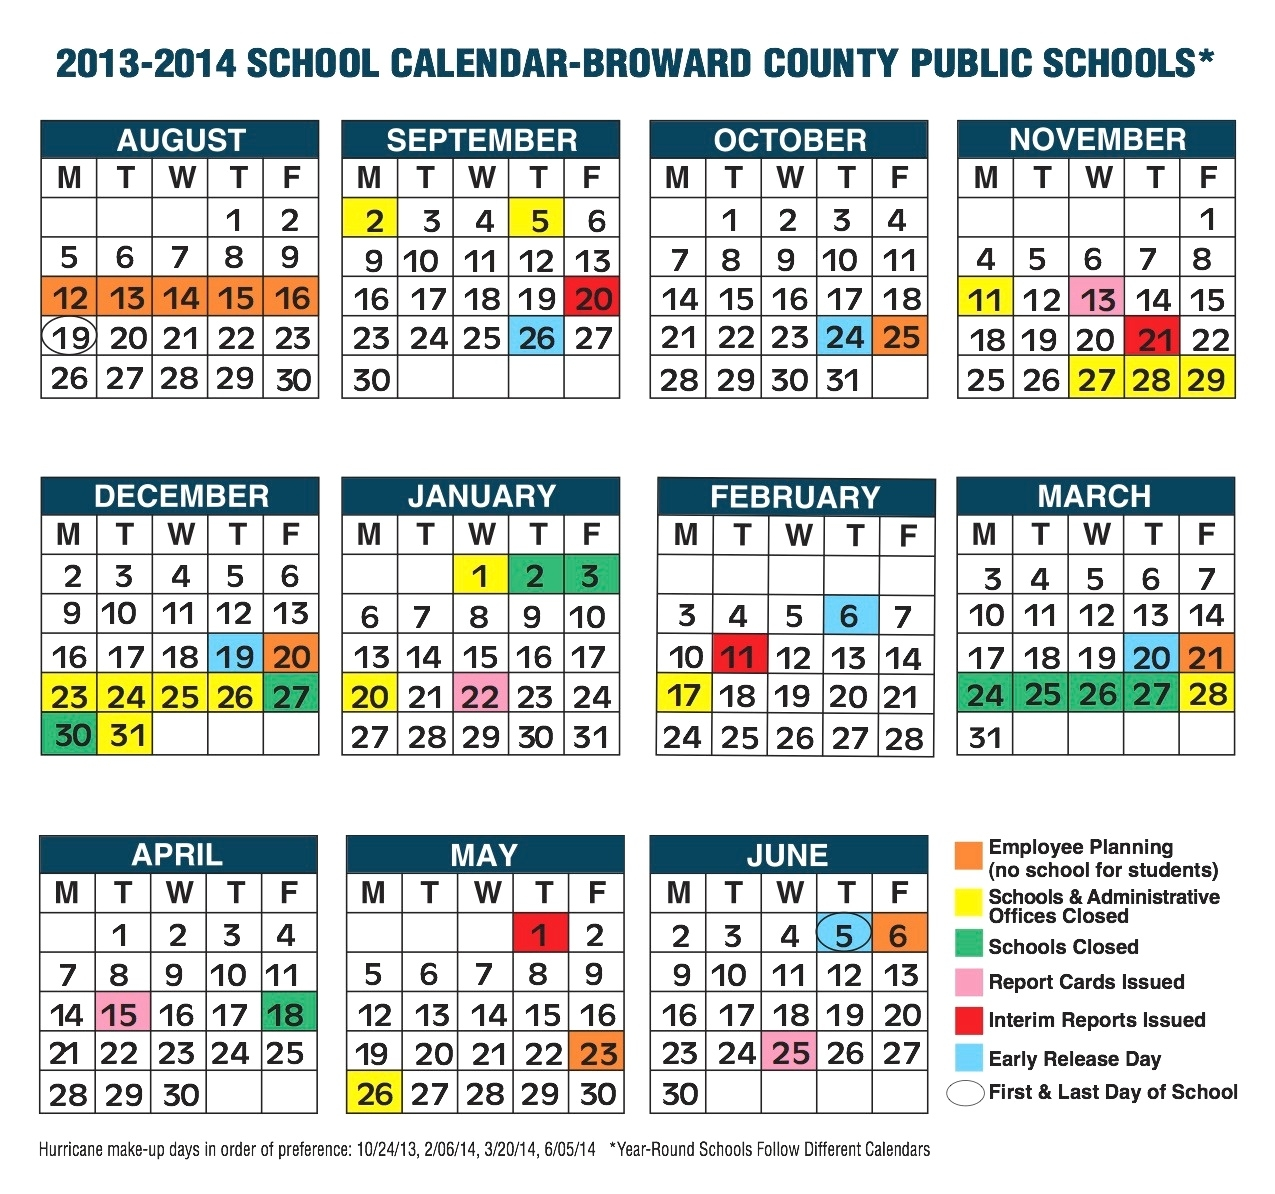 Broward Public School Calendar Broward County School Calendar School Calendar In Broward County